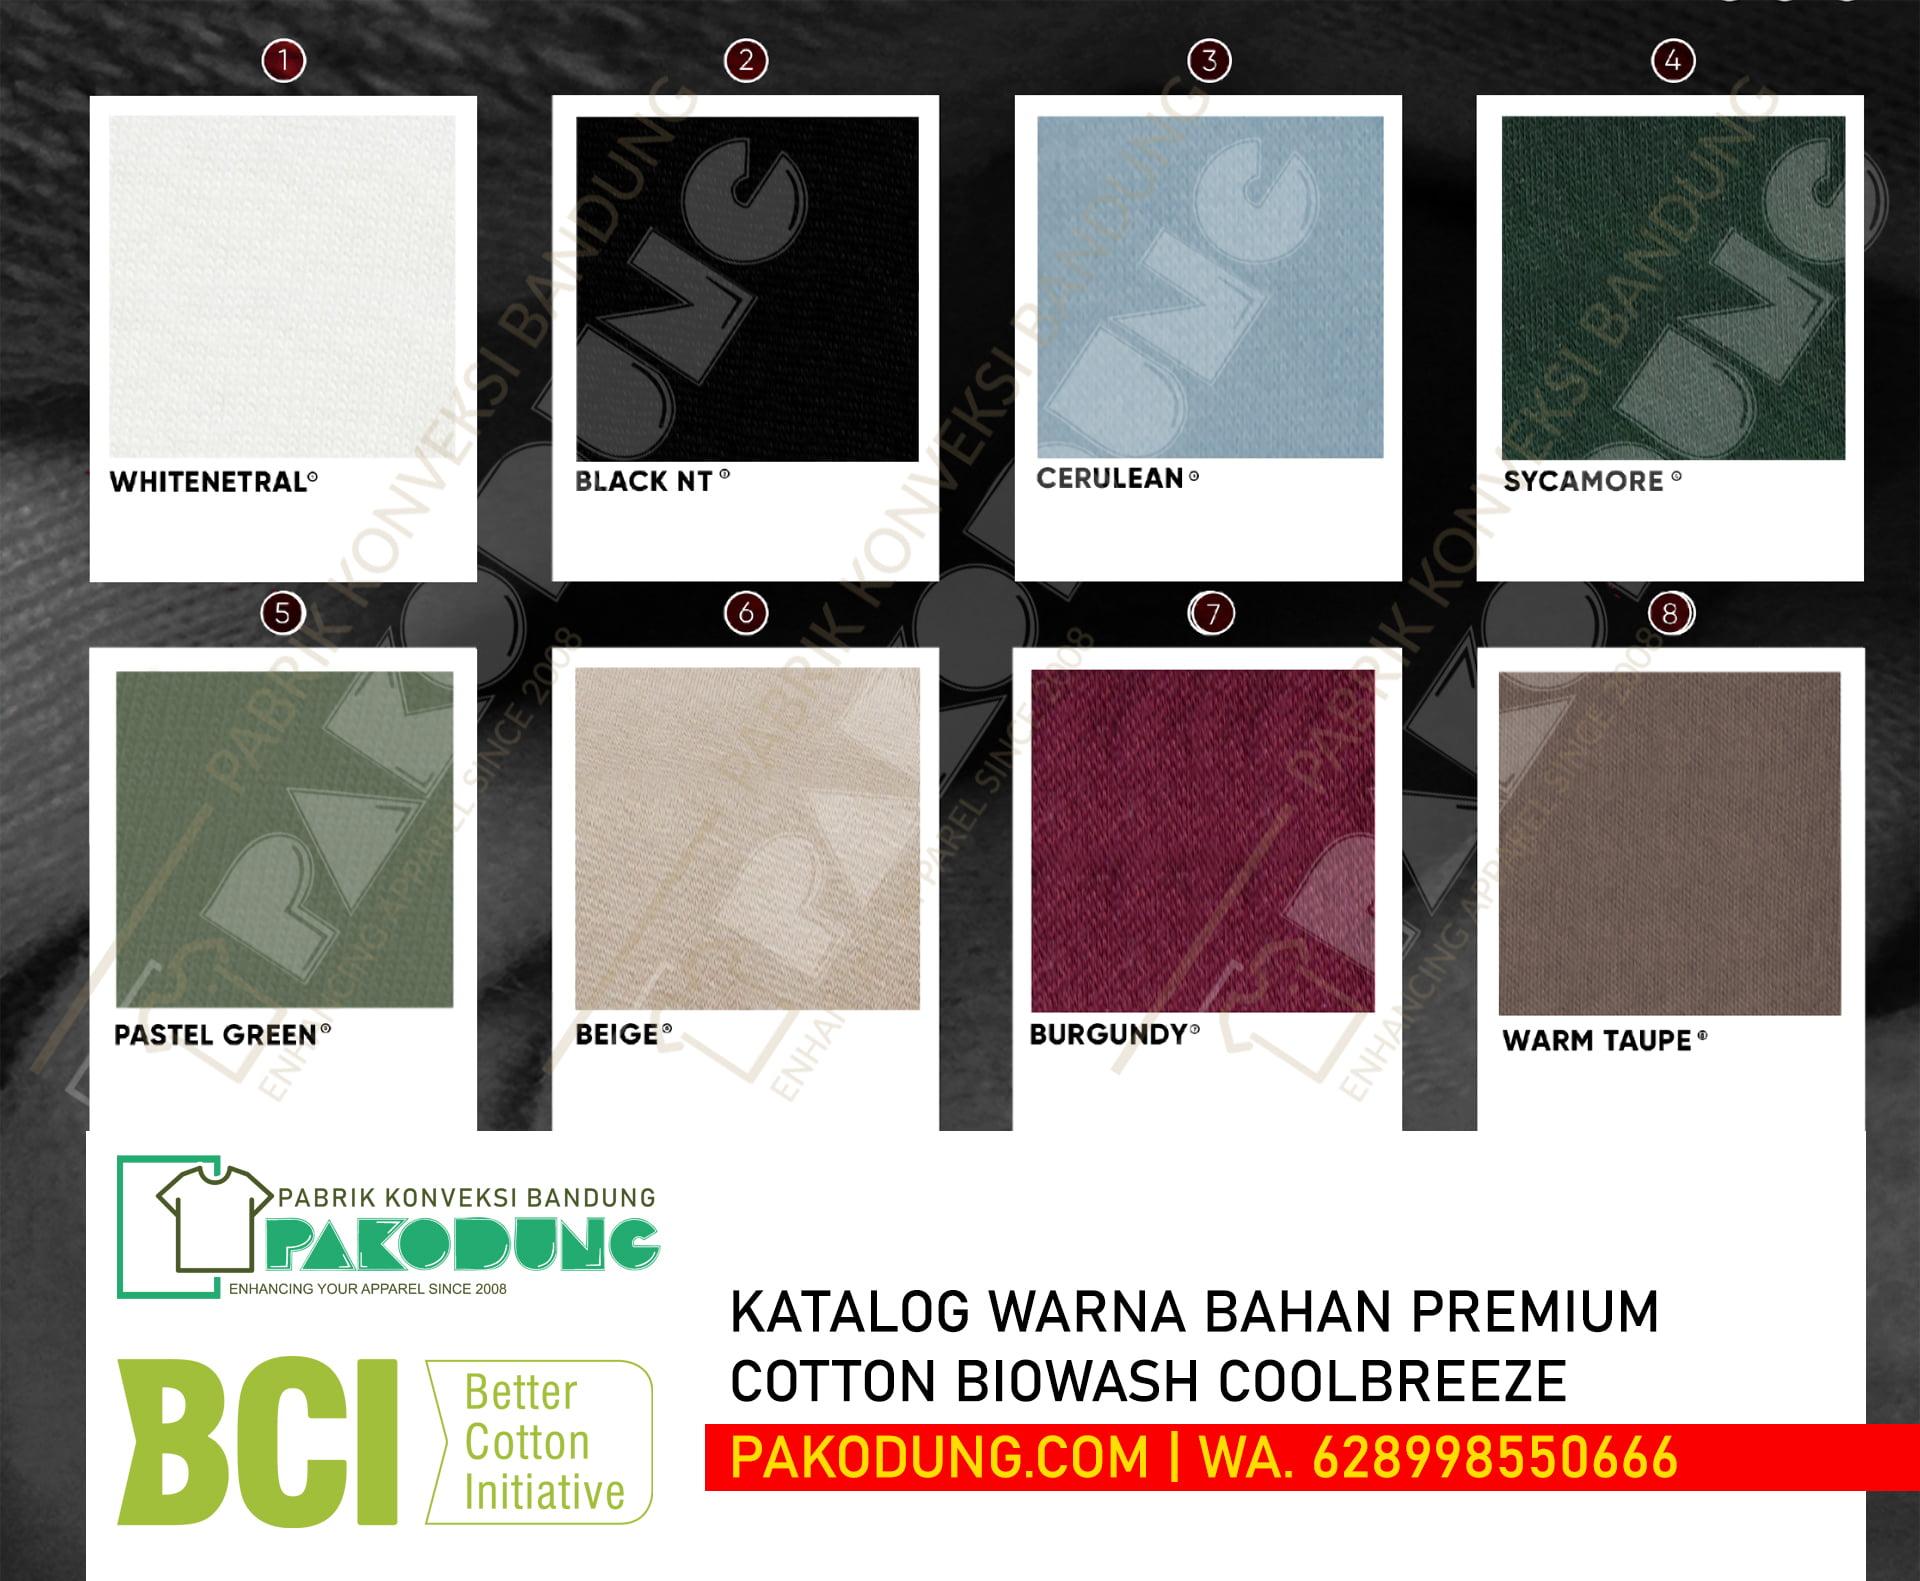 katalog warna bahan katun biowash coolbreeze